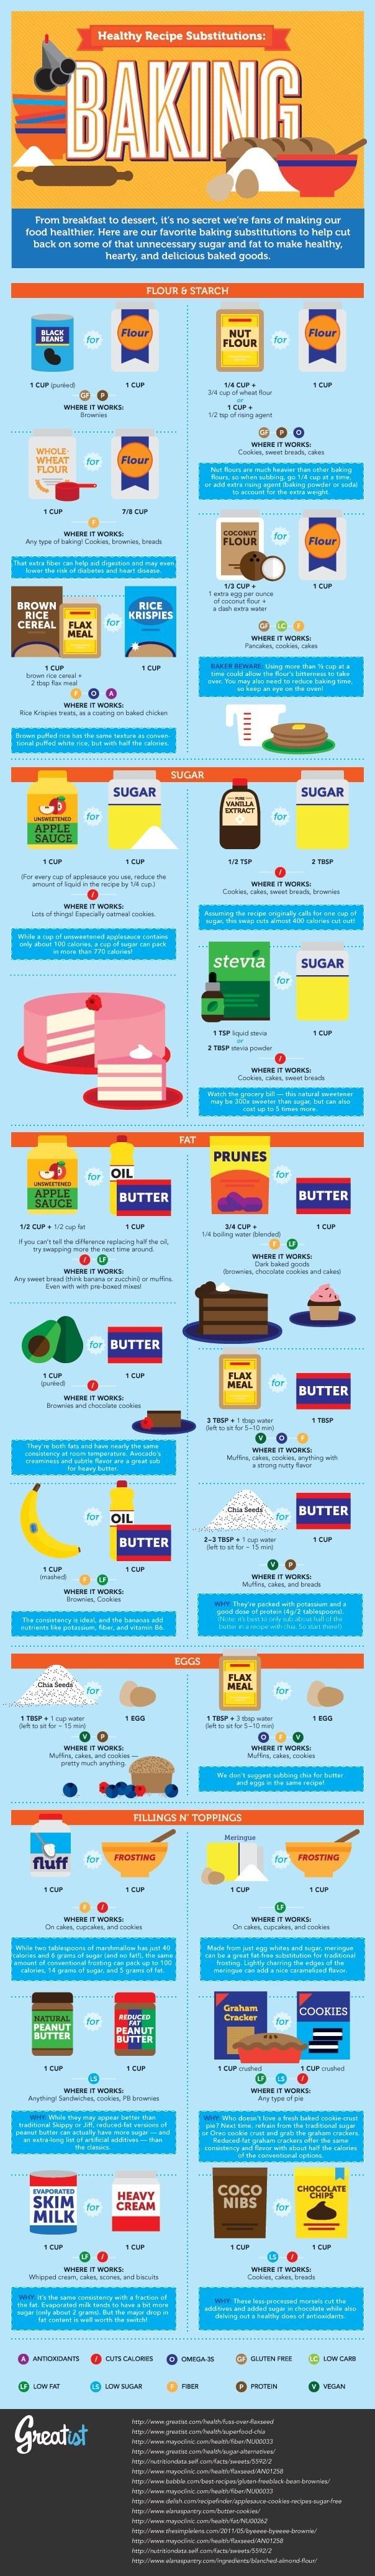 For healthier desserts.